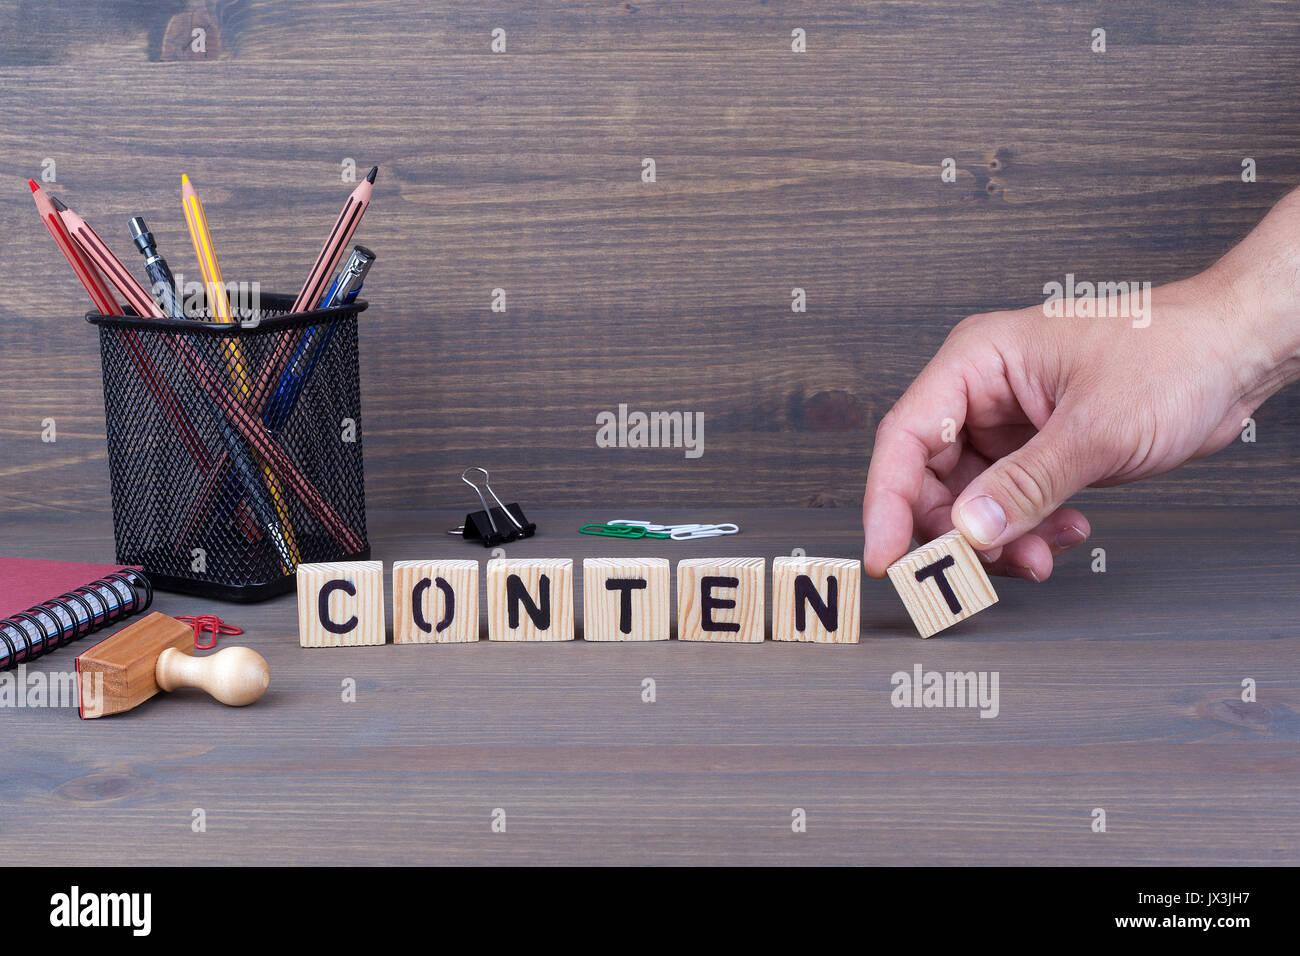 Concepto de contenido. Letras de madera sobre fondo oscuro Imagen De Stock